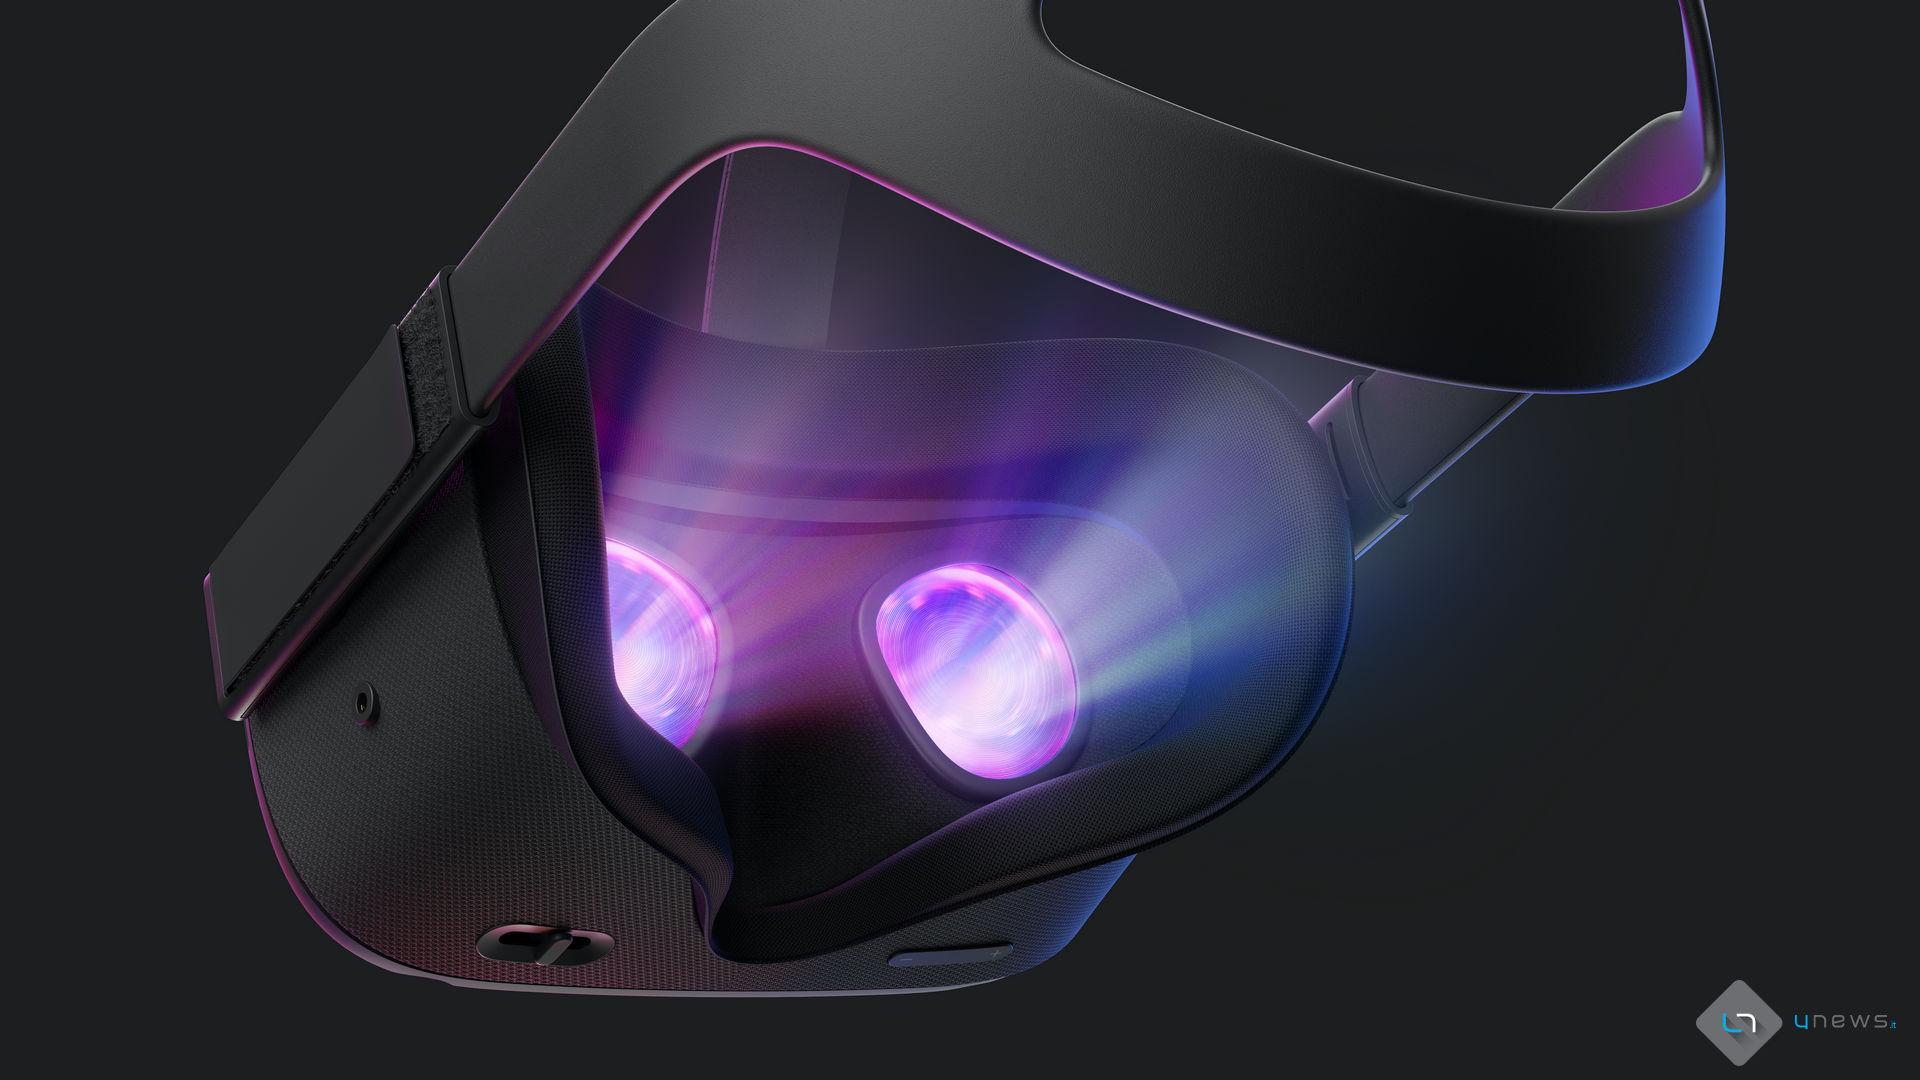 OculusQuest4newsitbest - Guida per principianti alla VR - Parte II - Il miglior visore VR